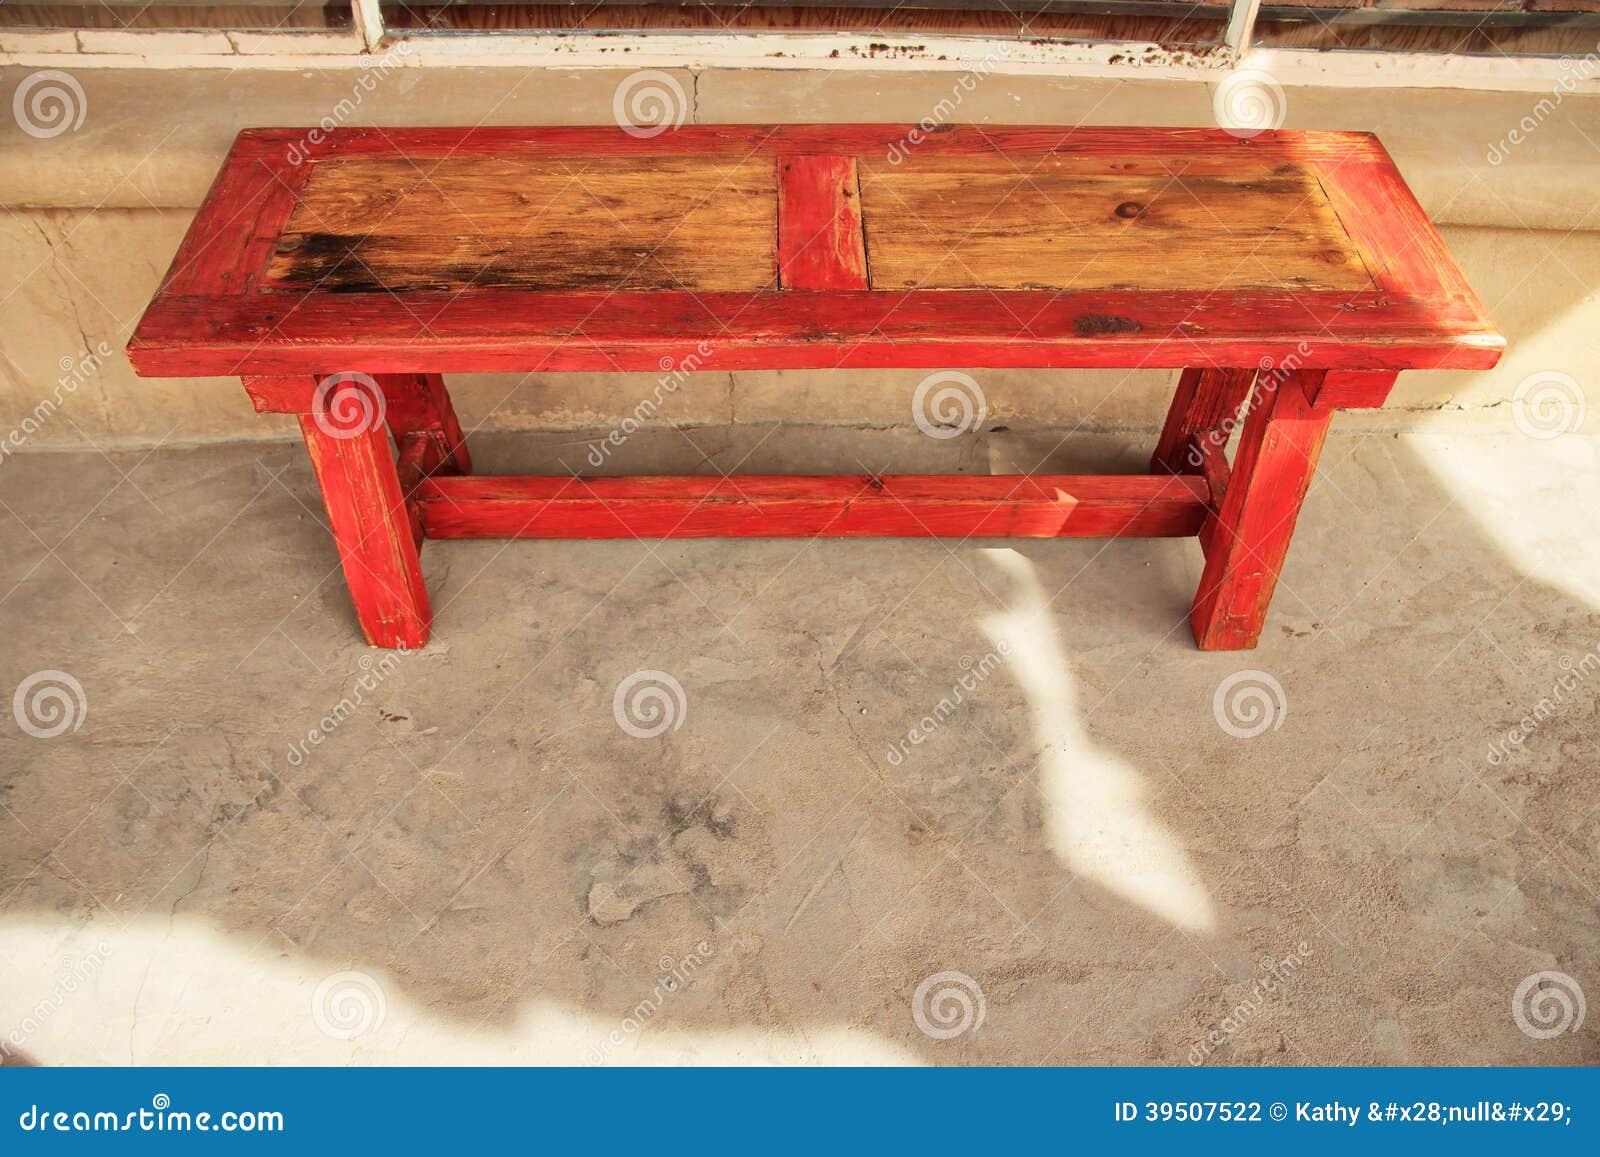 Banco de madera arreglado rojo